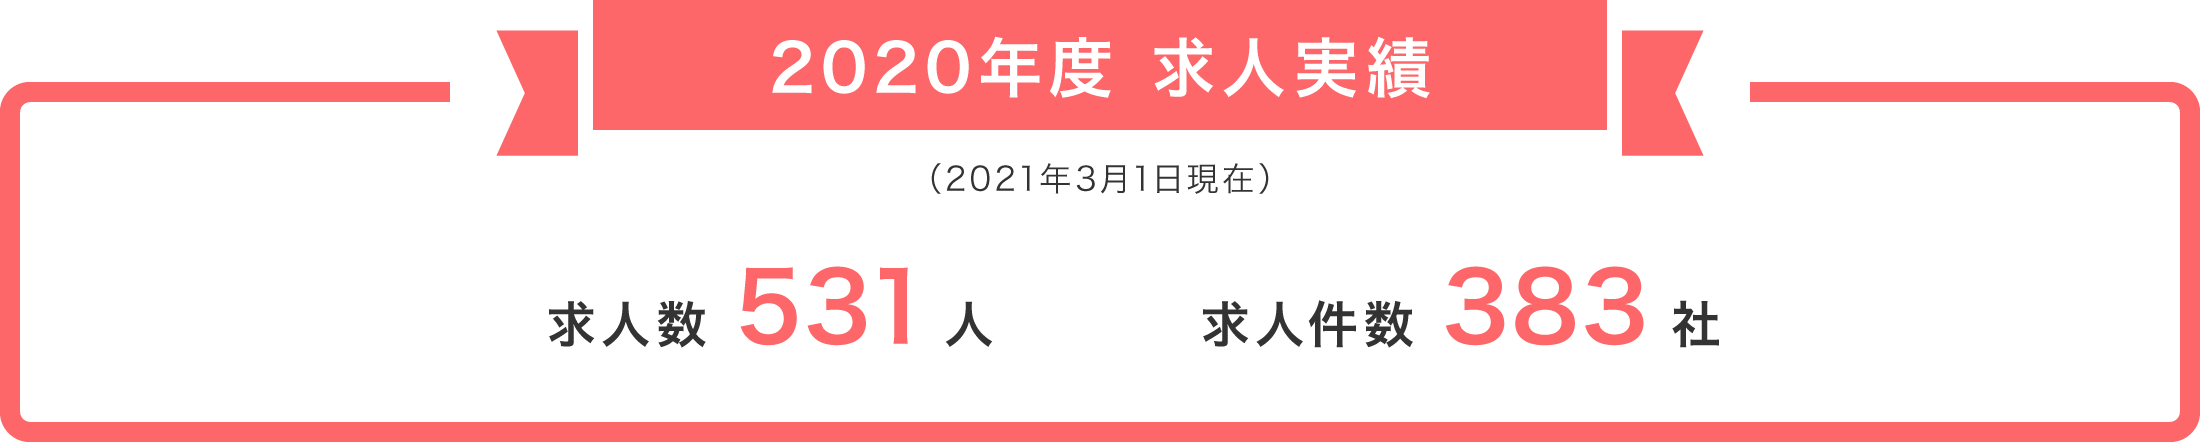 2020年度求人実績